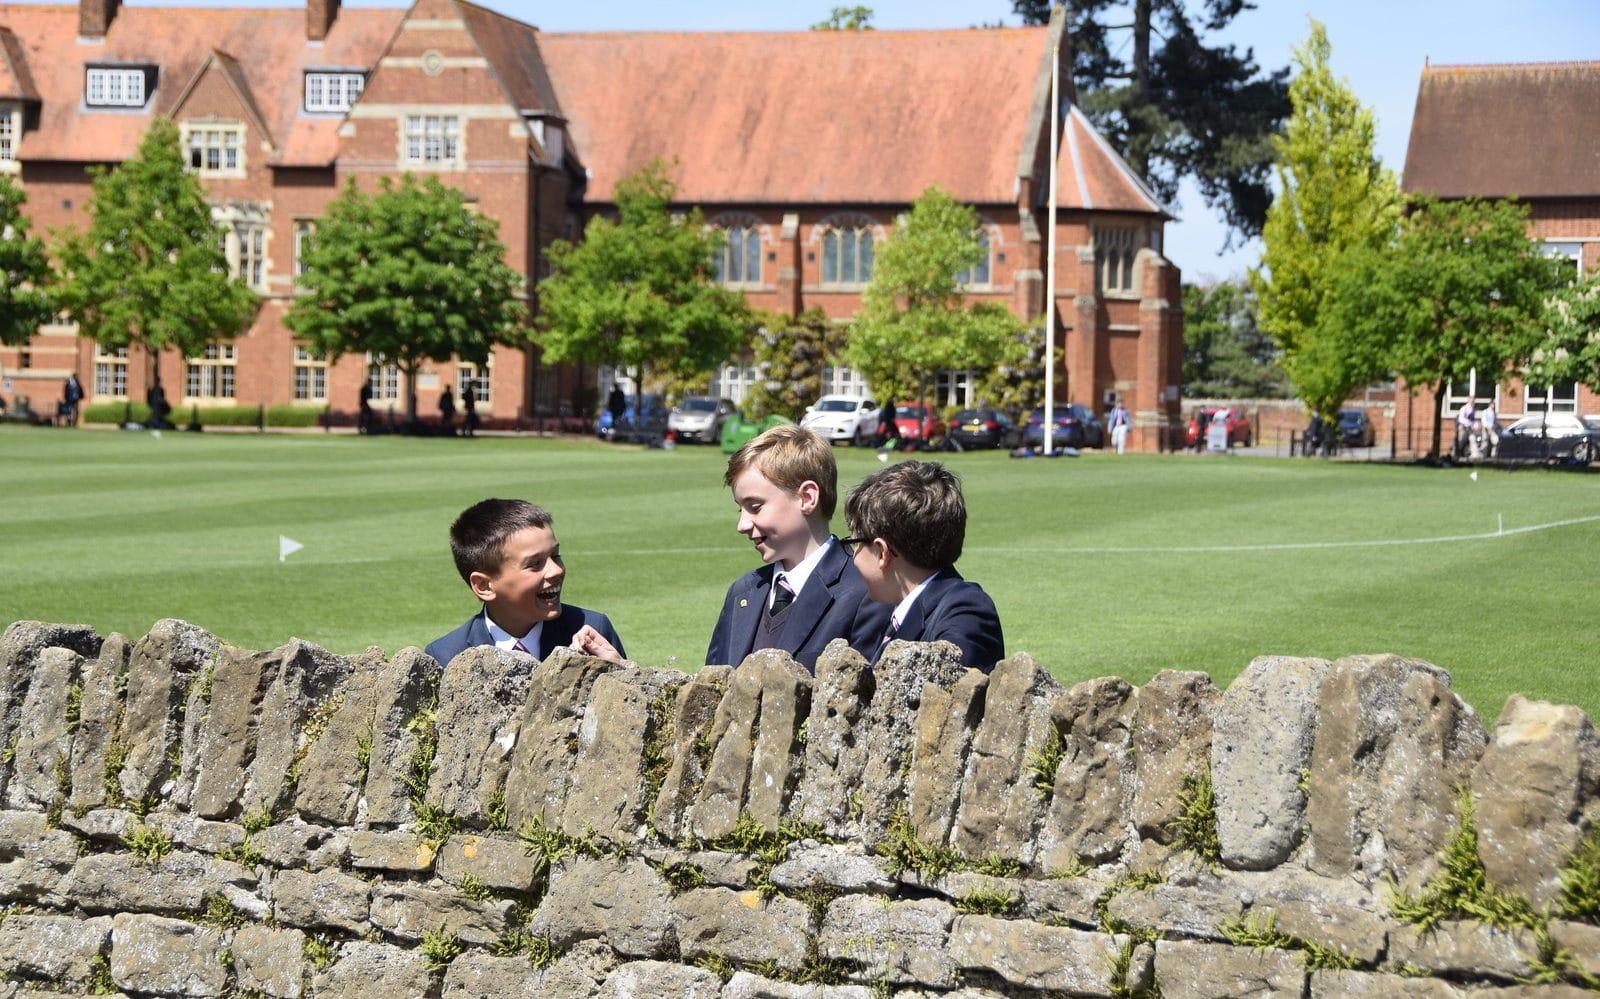 Abingdon School pupils outside talking